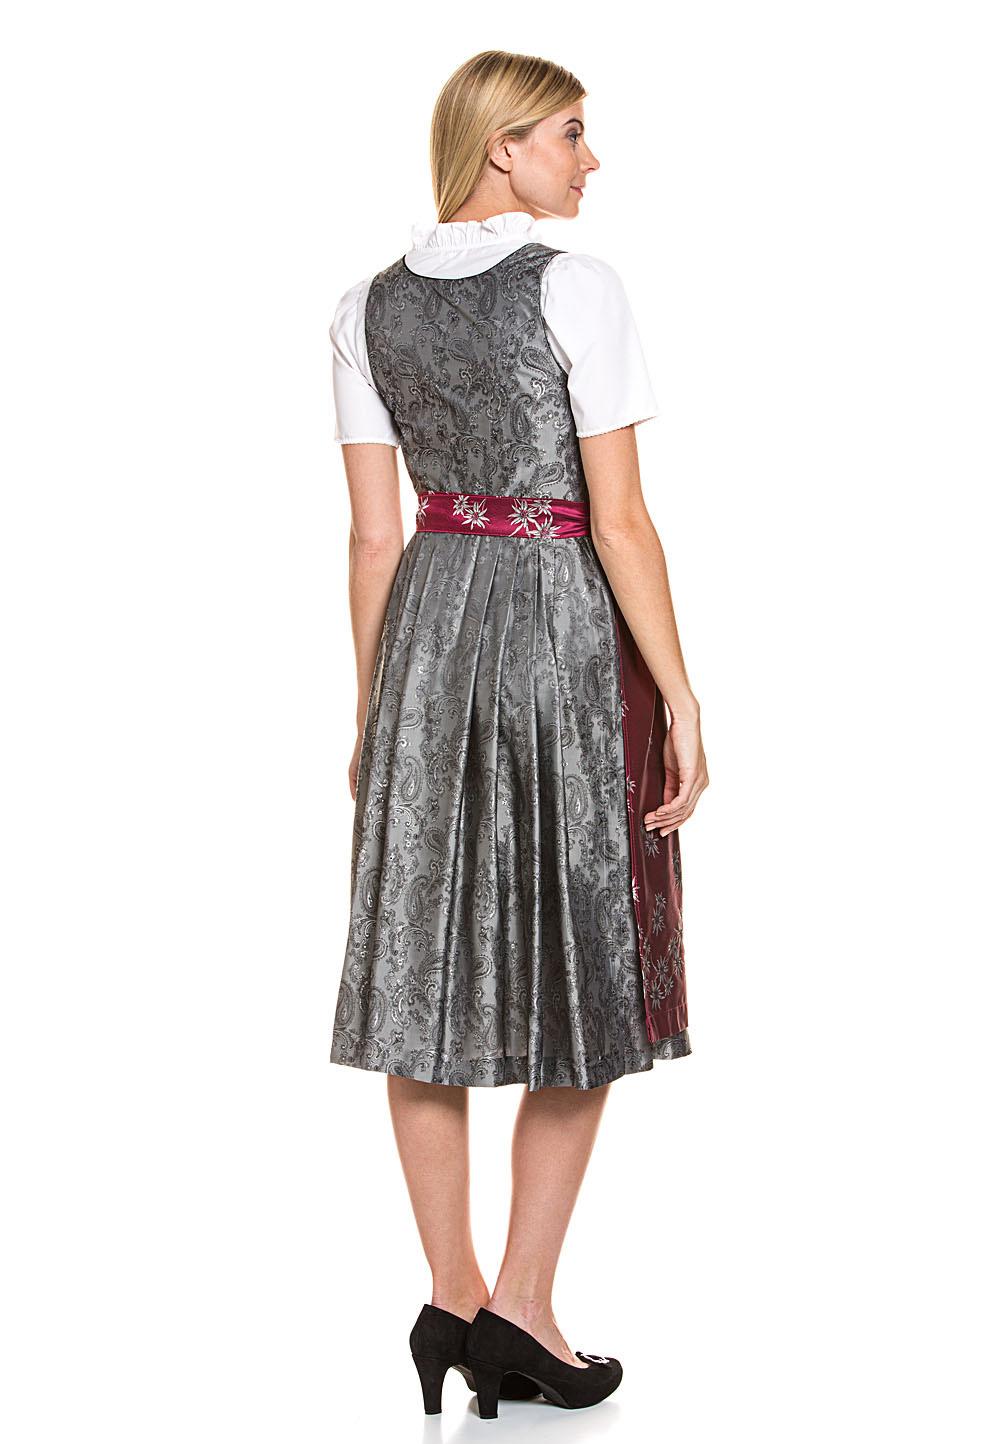 Rabatt-Sammlung exquisite handwerkskunst sehr bequem Trachten Deiser Midi-Dirndl Bluse & Schürze, 3-teilig Damen Kleid Silber